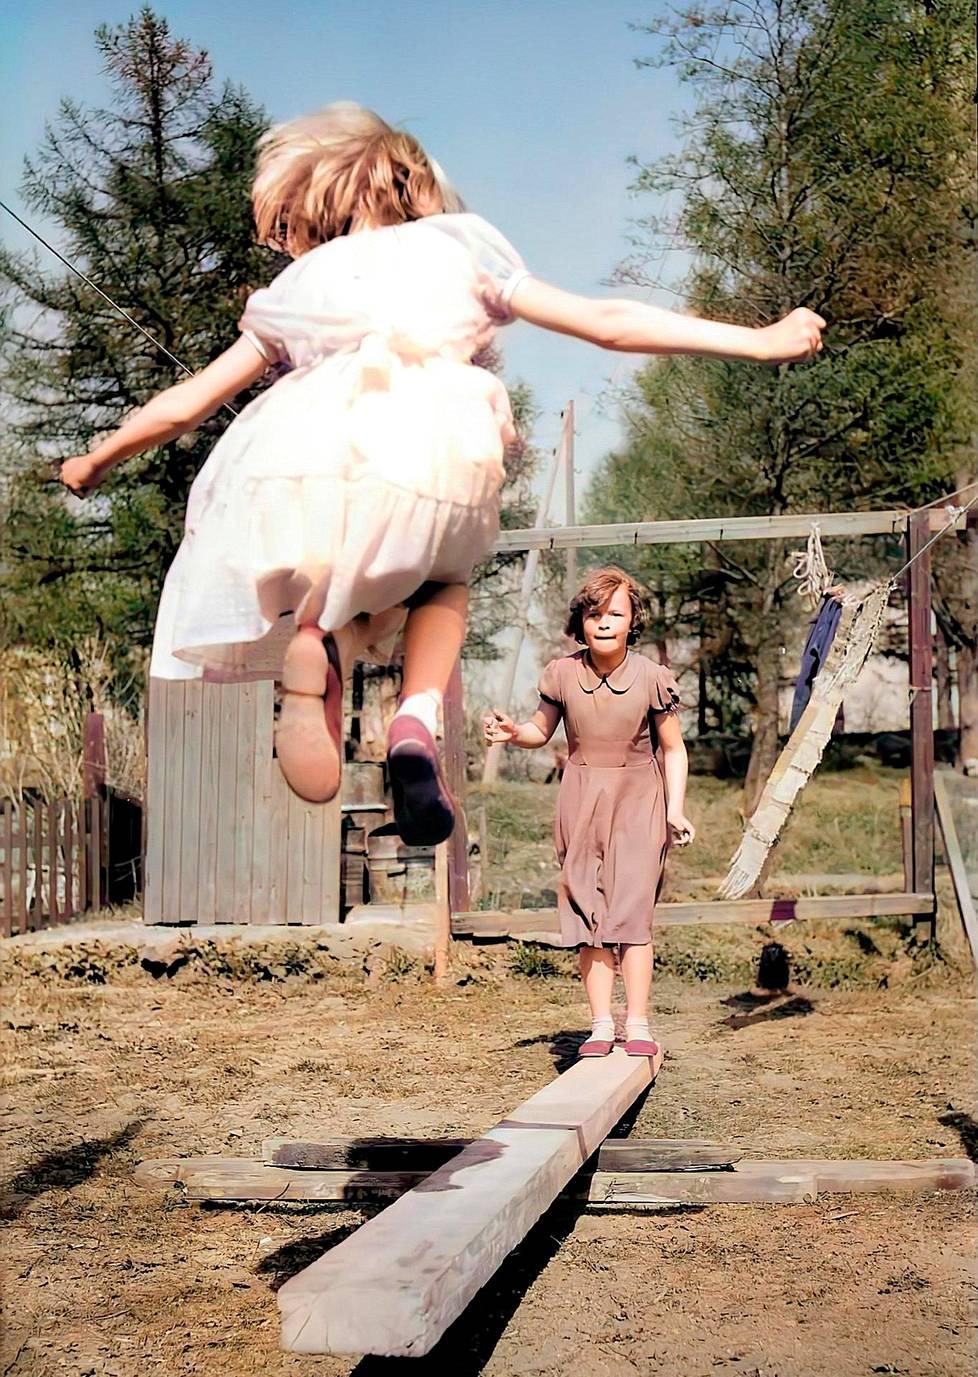 Tytöt pomppivat hyppylaudalla Intiankadulla 1957. Onkohan kevätjuhlapäivä, kun heillä on noin hienot mekot yllään?